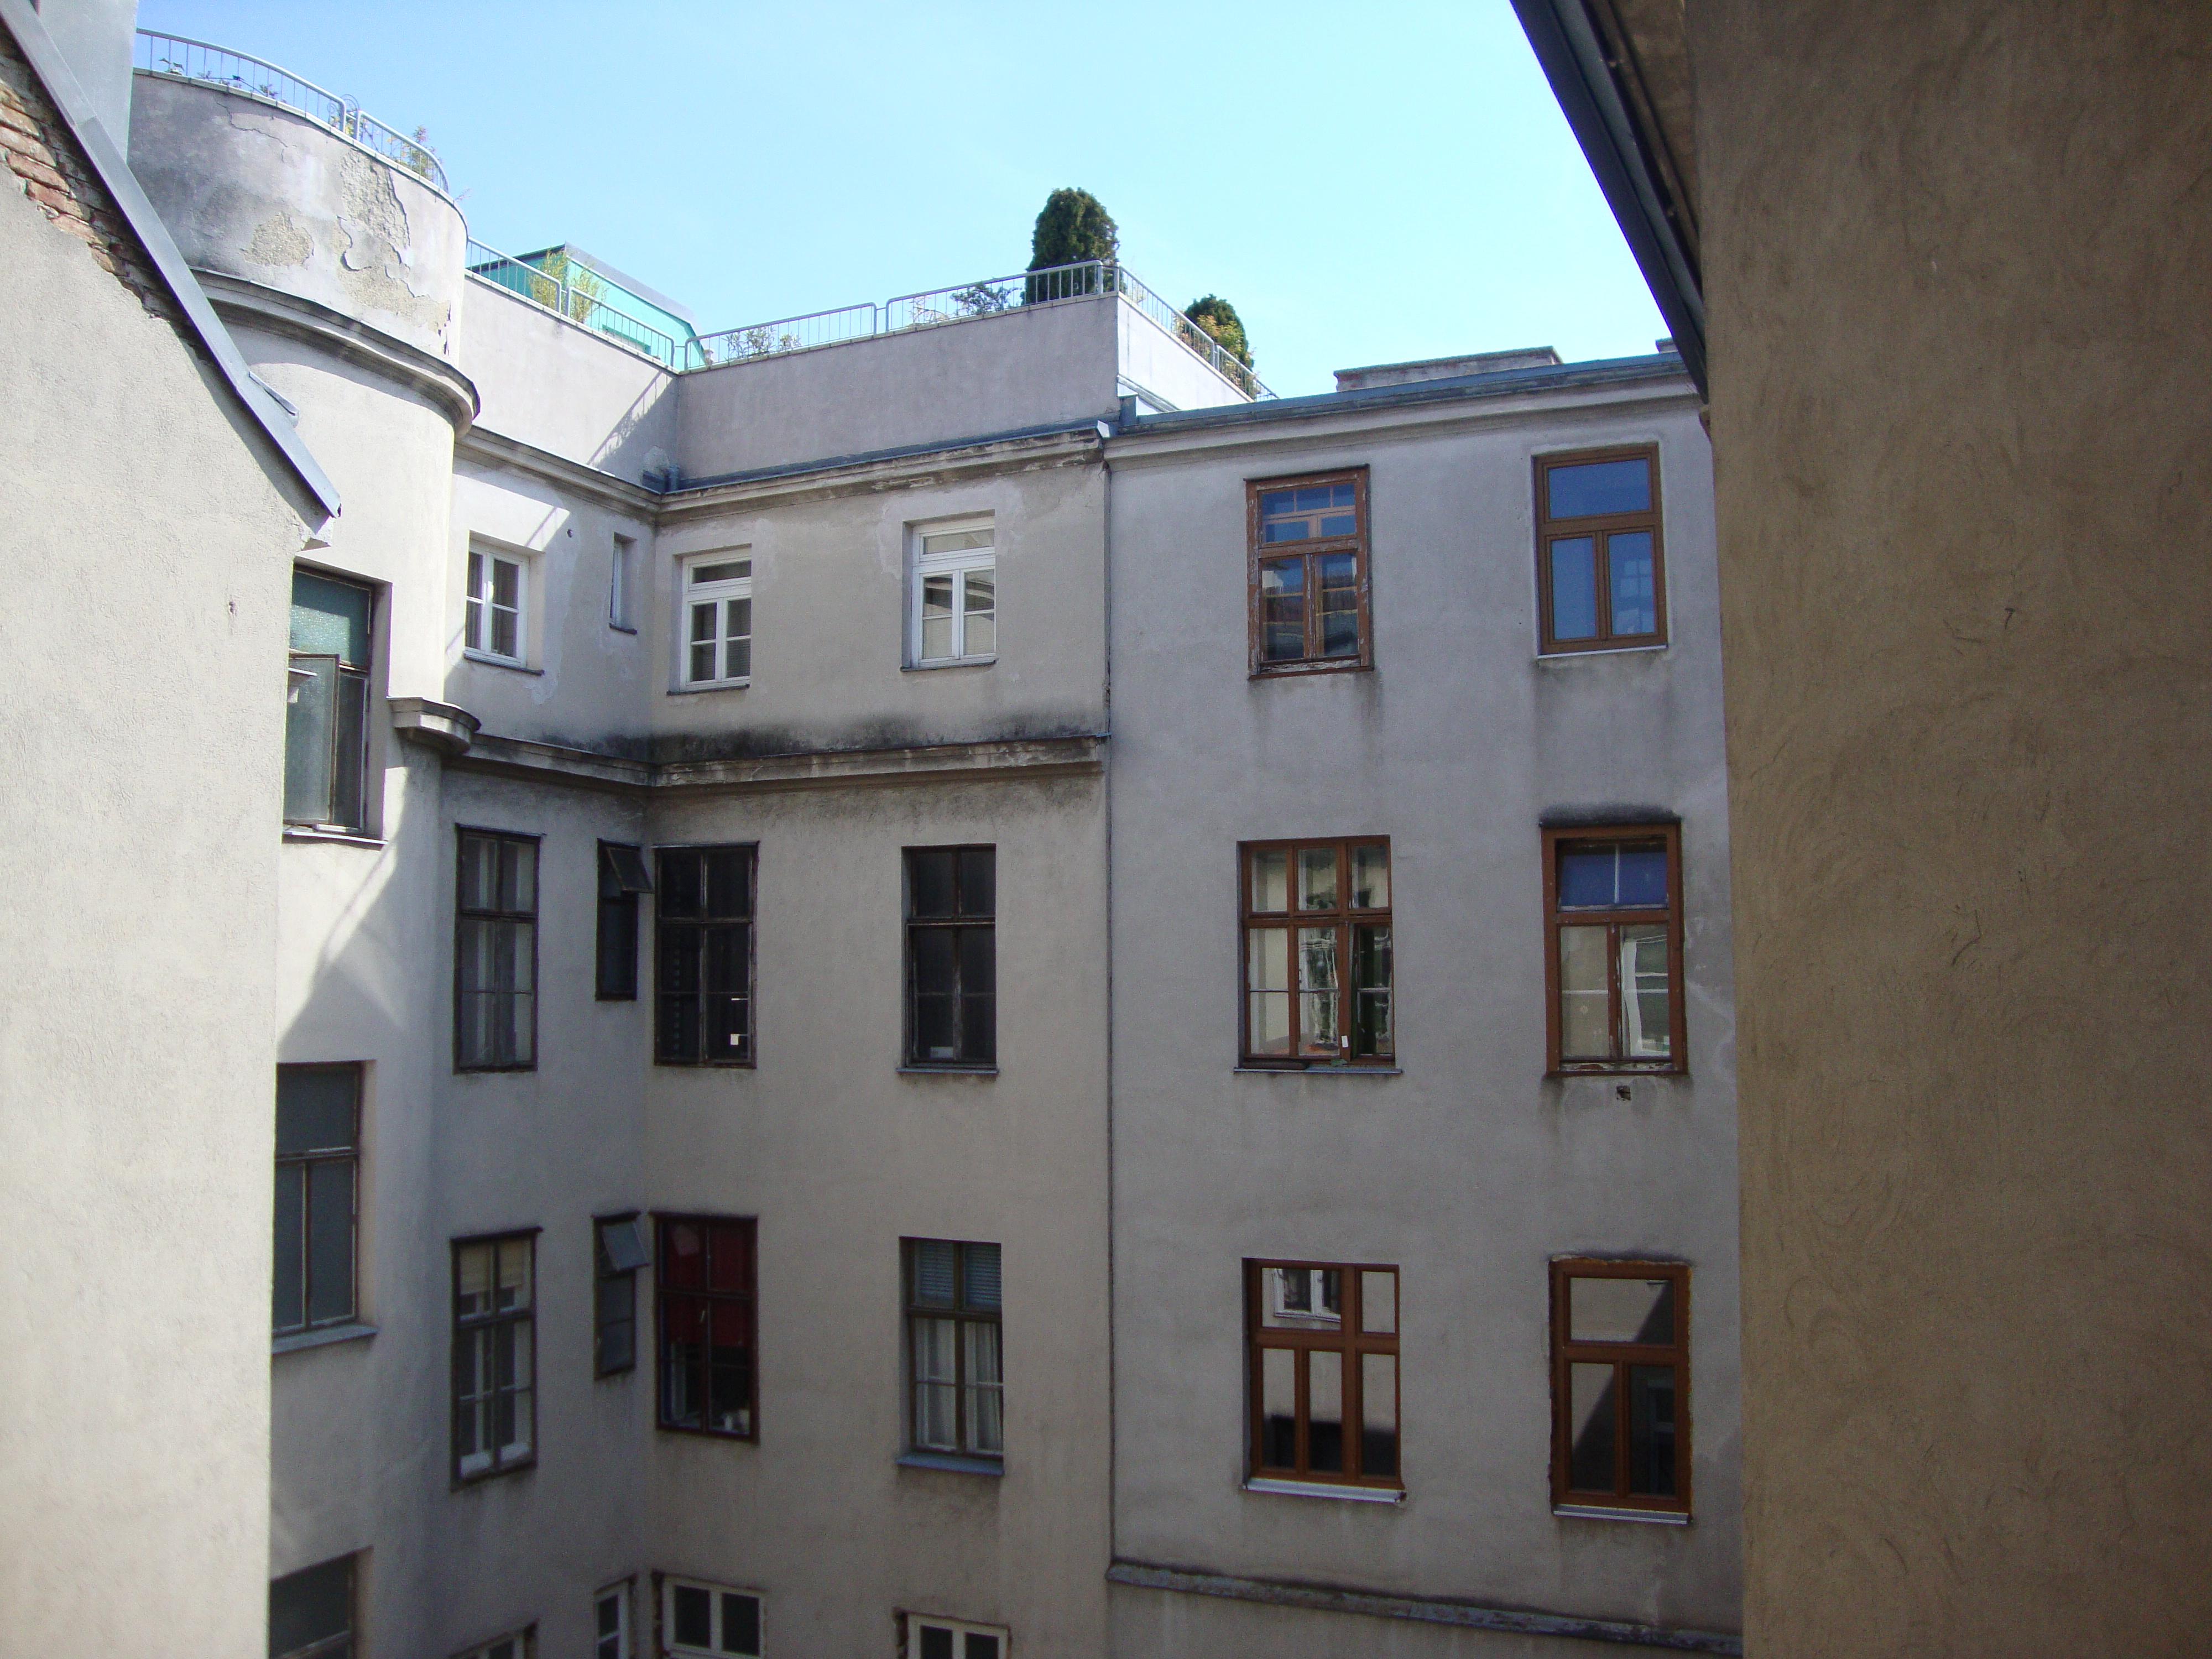 Beliebt Blick aus dem Fenster | Bilder für die Blinden DY91